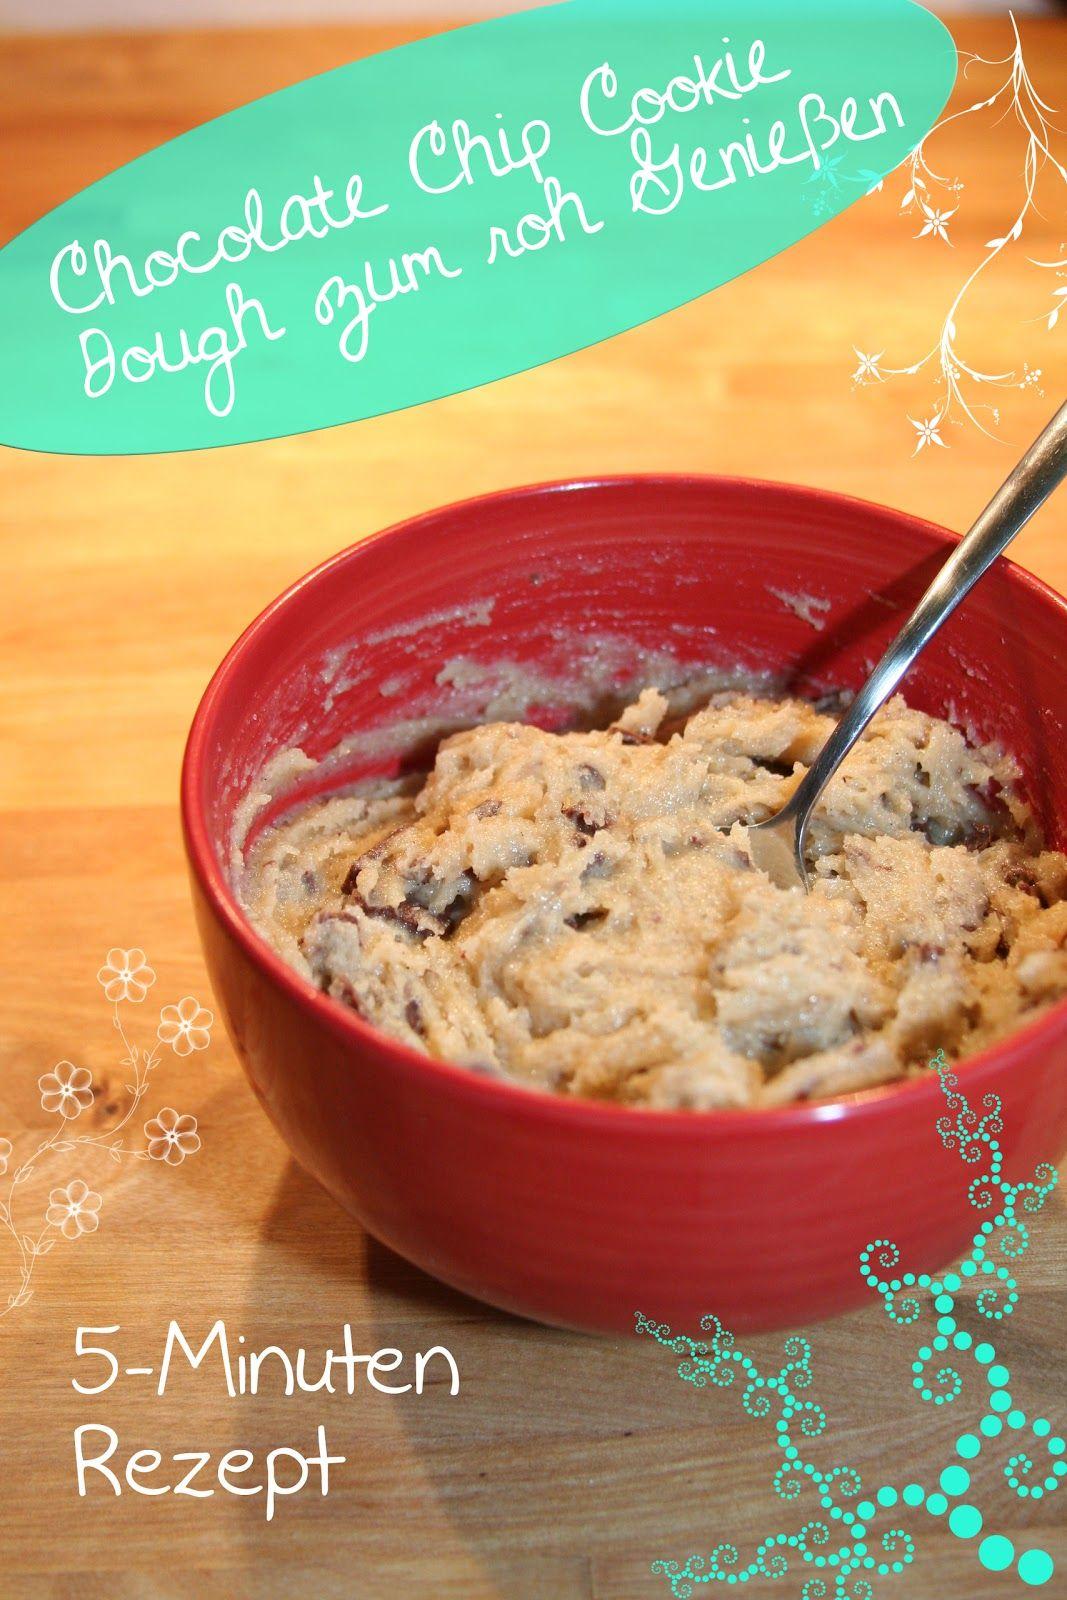 Chocolate Chip Cookie Dough Zum Roh Geniessen Keksteig Cookie Dough Rezept Keksteig Rezept